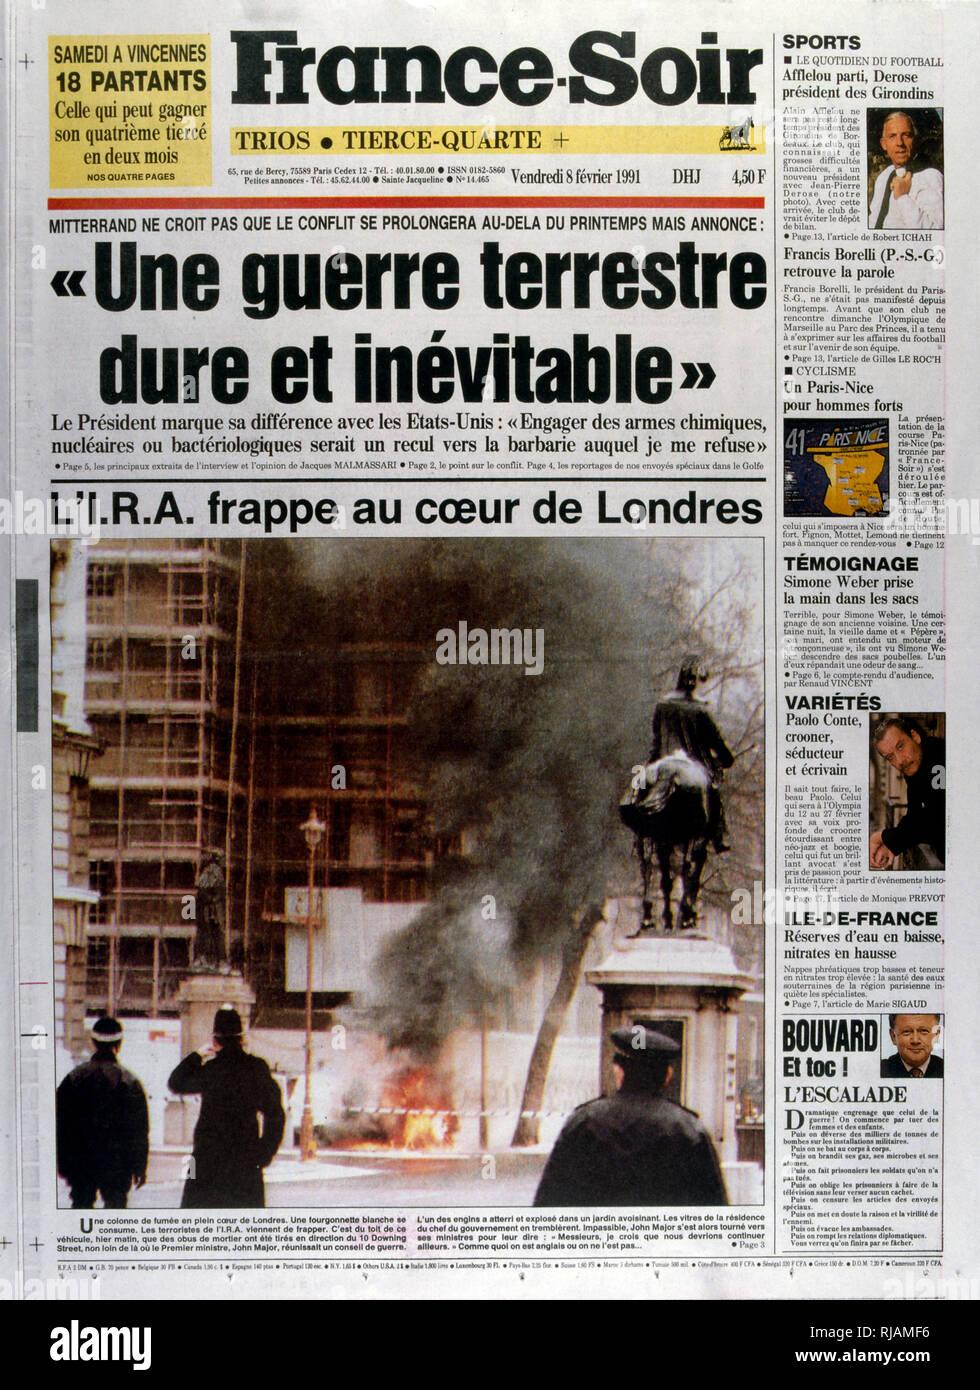 Primera página de la publicación francesa